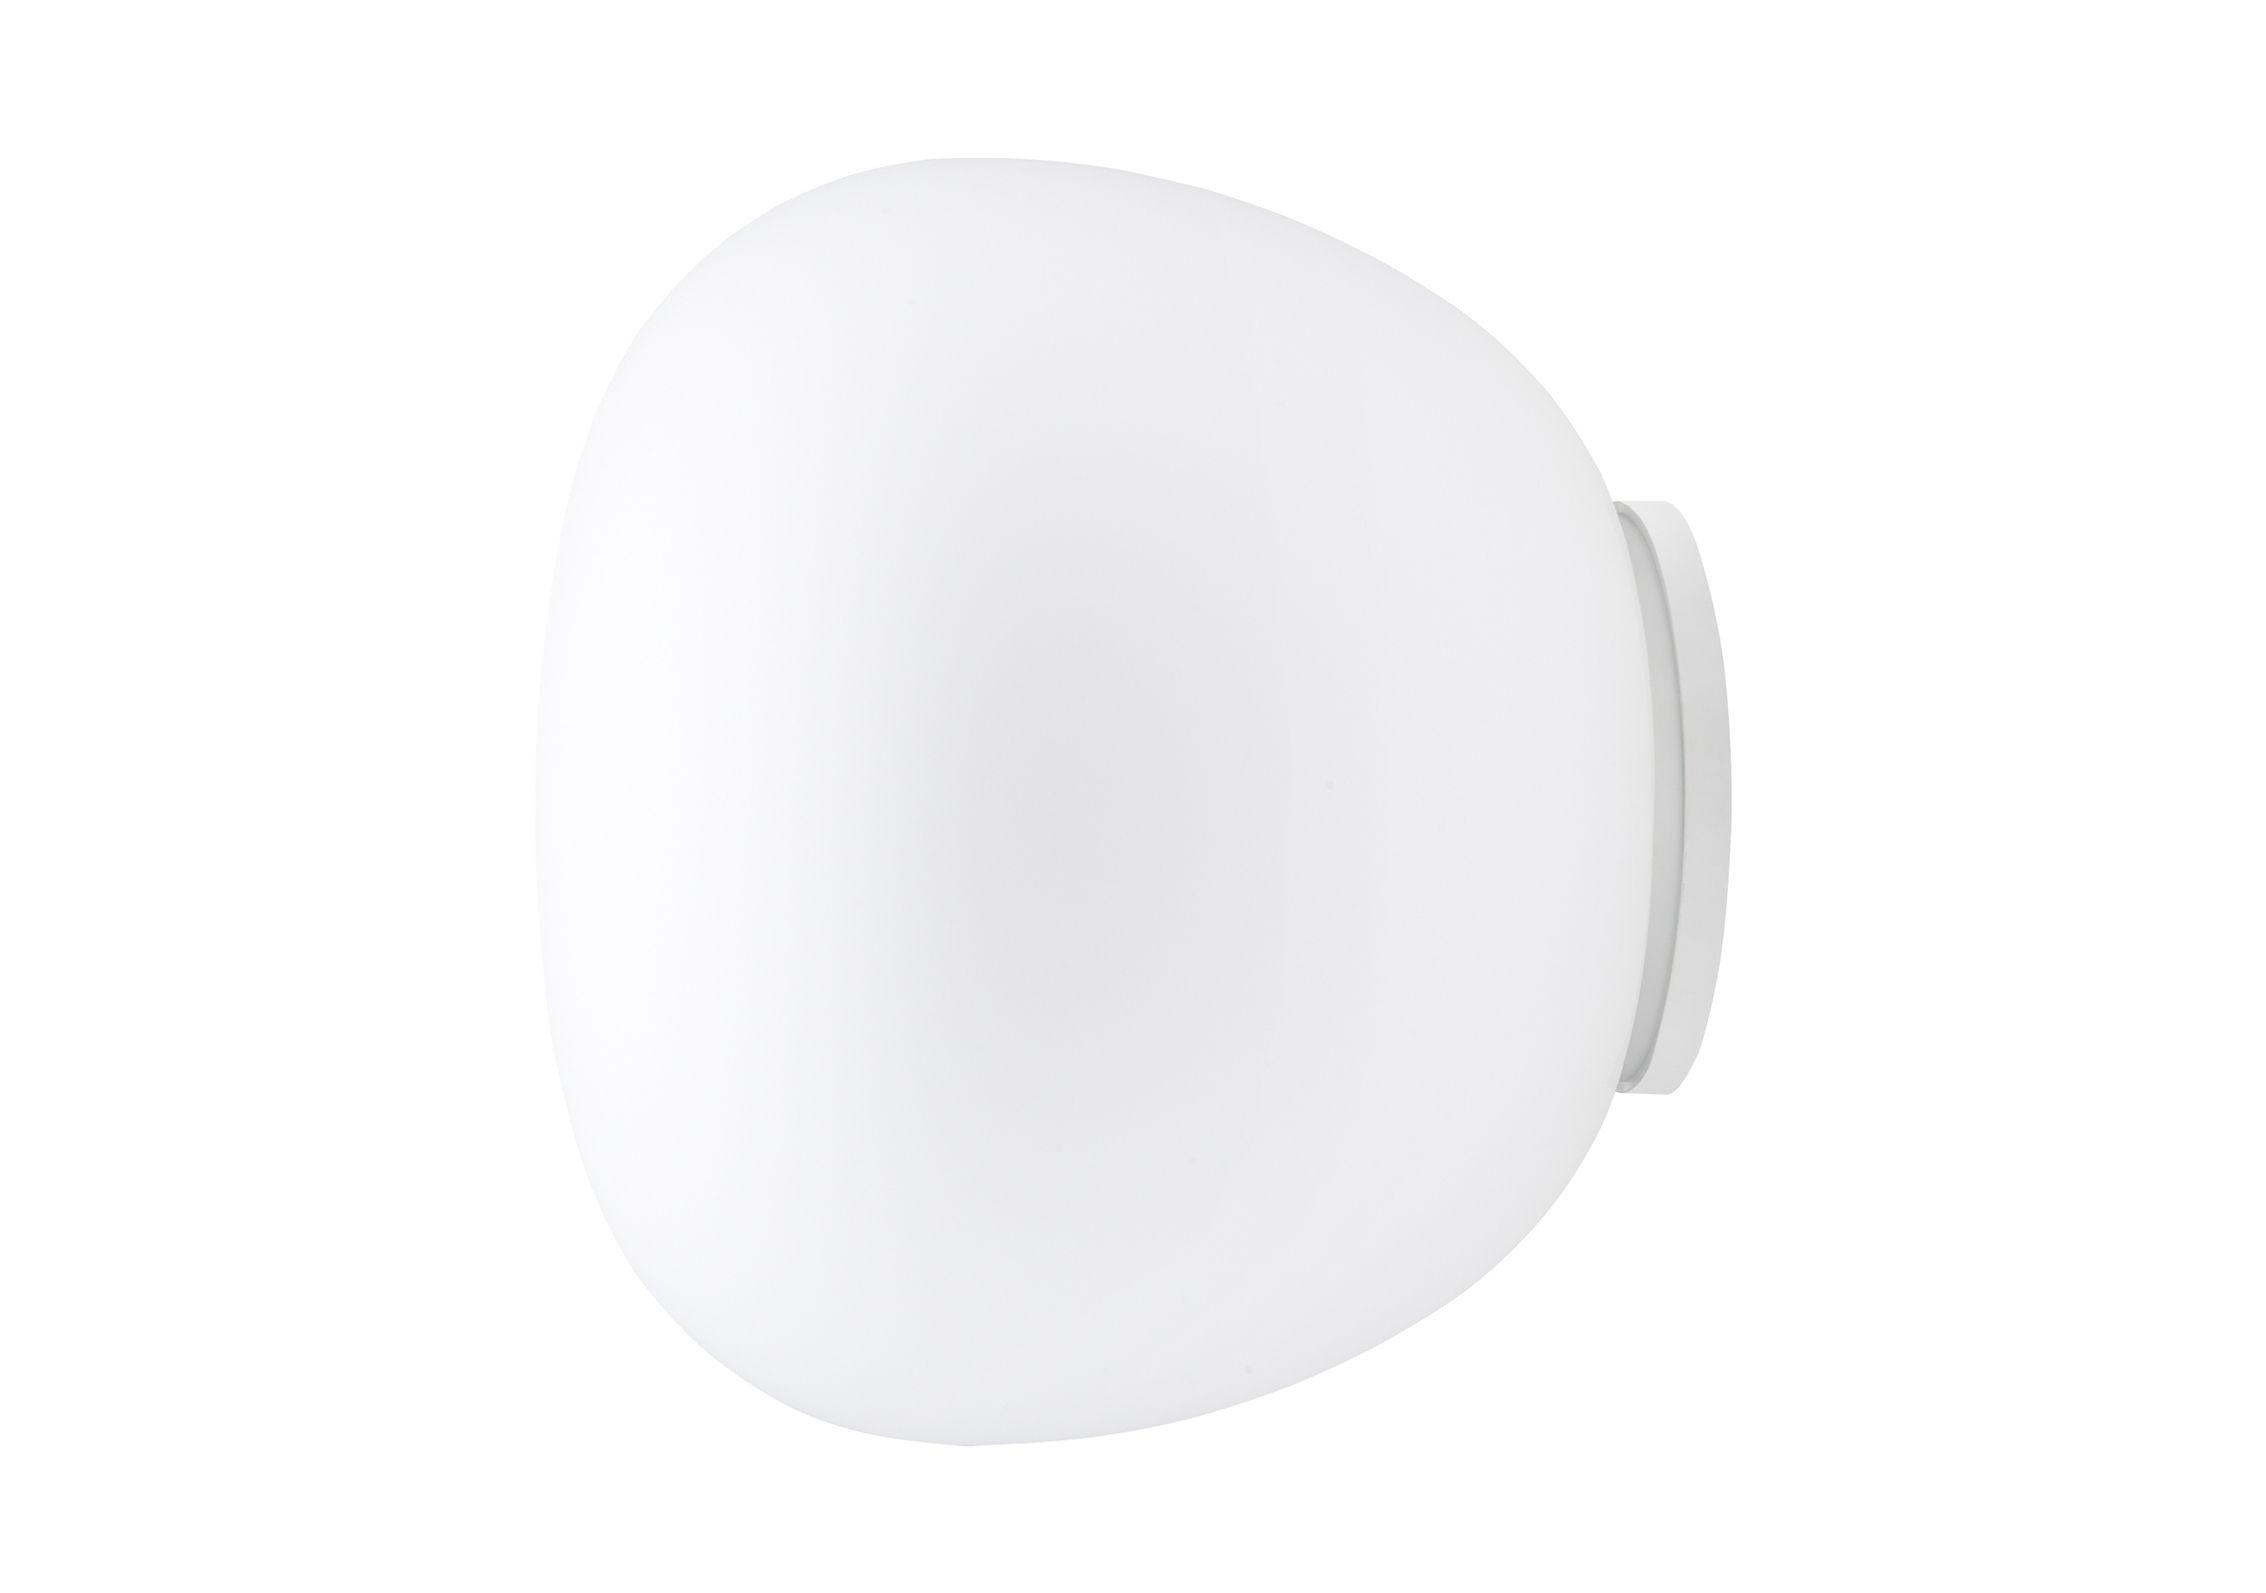 Leuchten - Wandleuchten - Mochi Wandleuchte Ø 30 cm - Fabbian - Weiß - Ø 30 cm - Glas